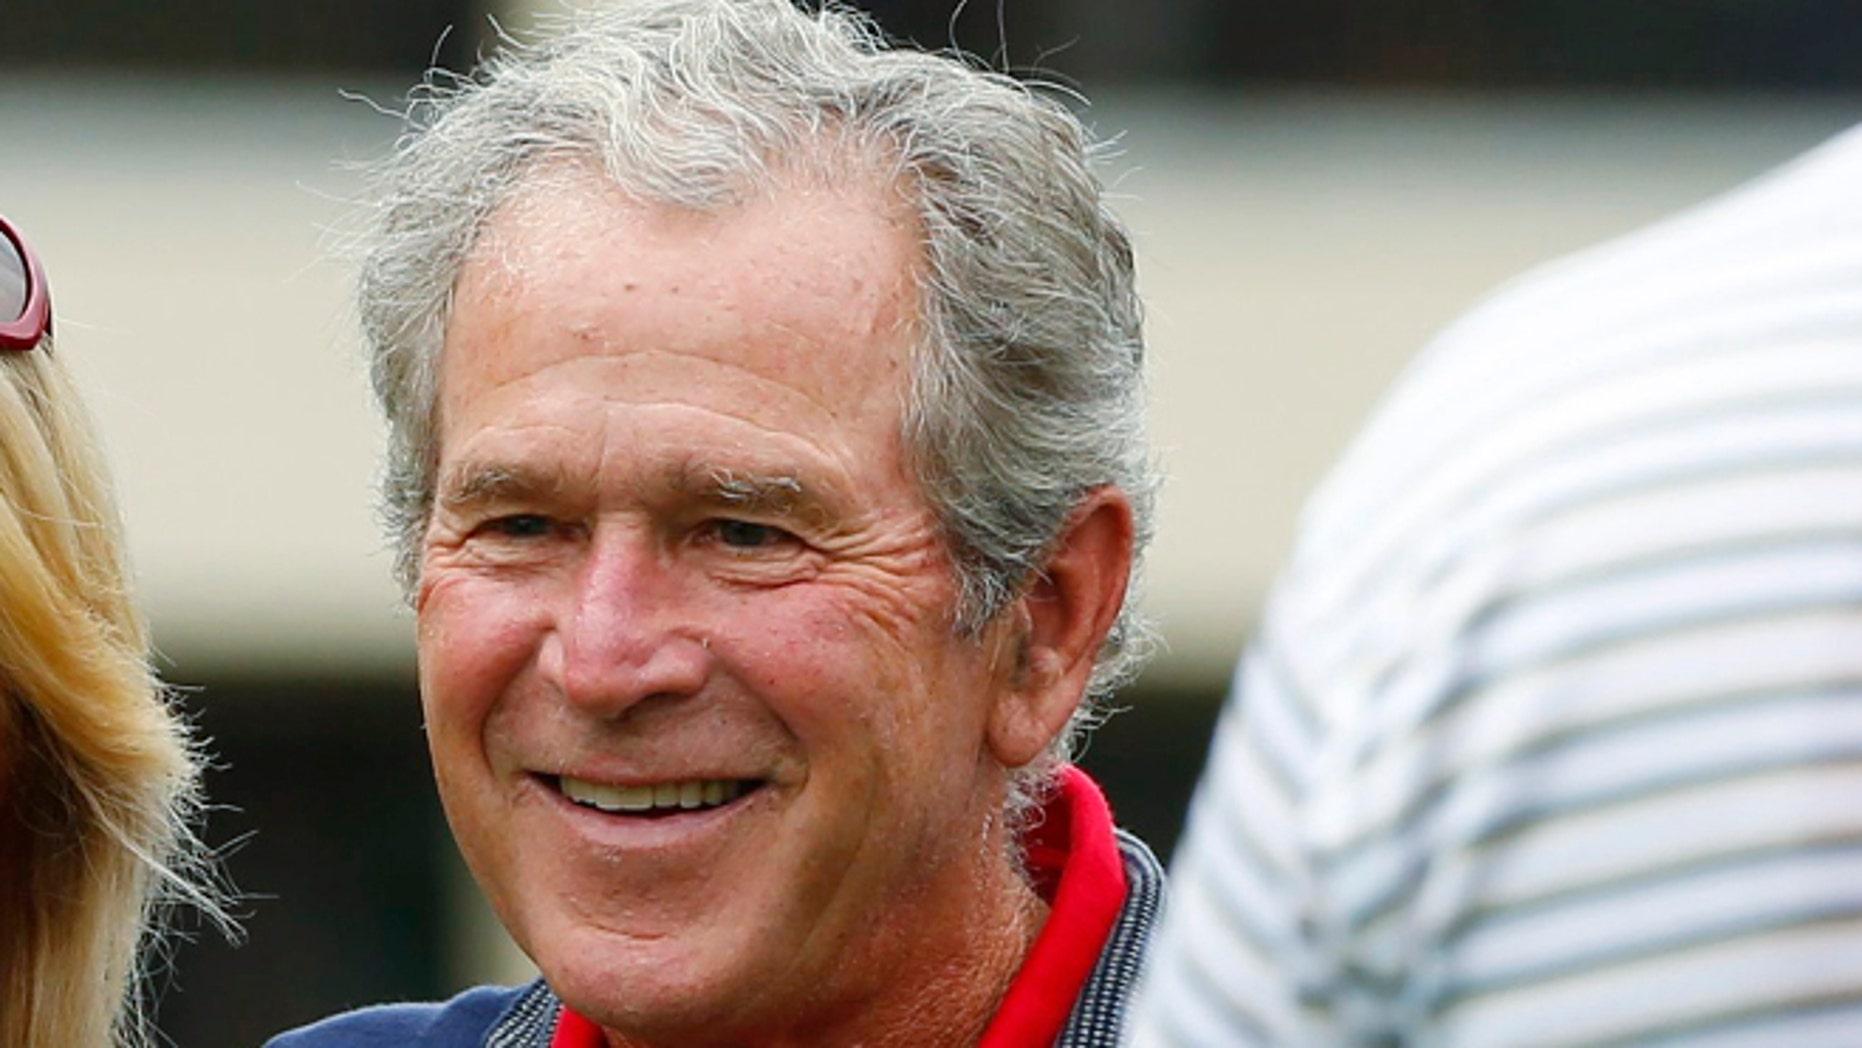 October 3, 2013: Former U.S. President George W. Bush at Muirfield Village Golf Club in Dublin, Ohio.